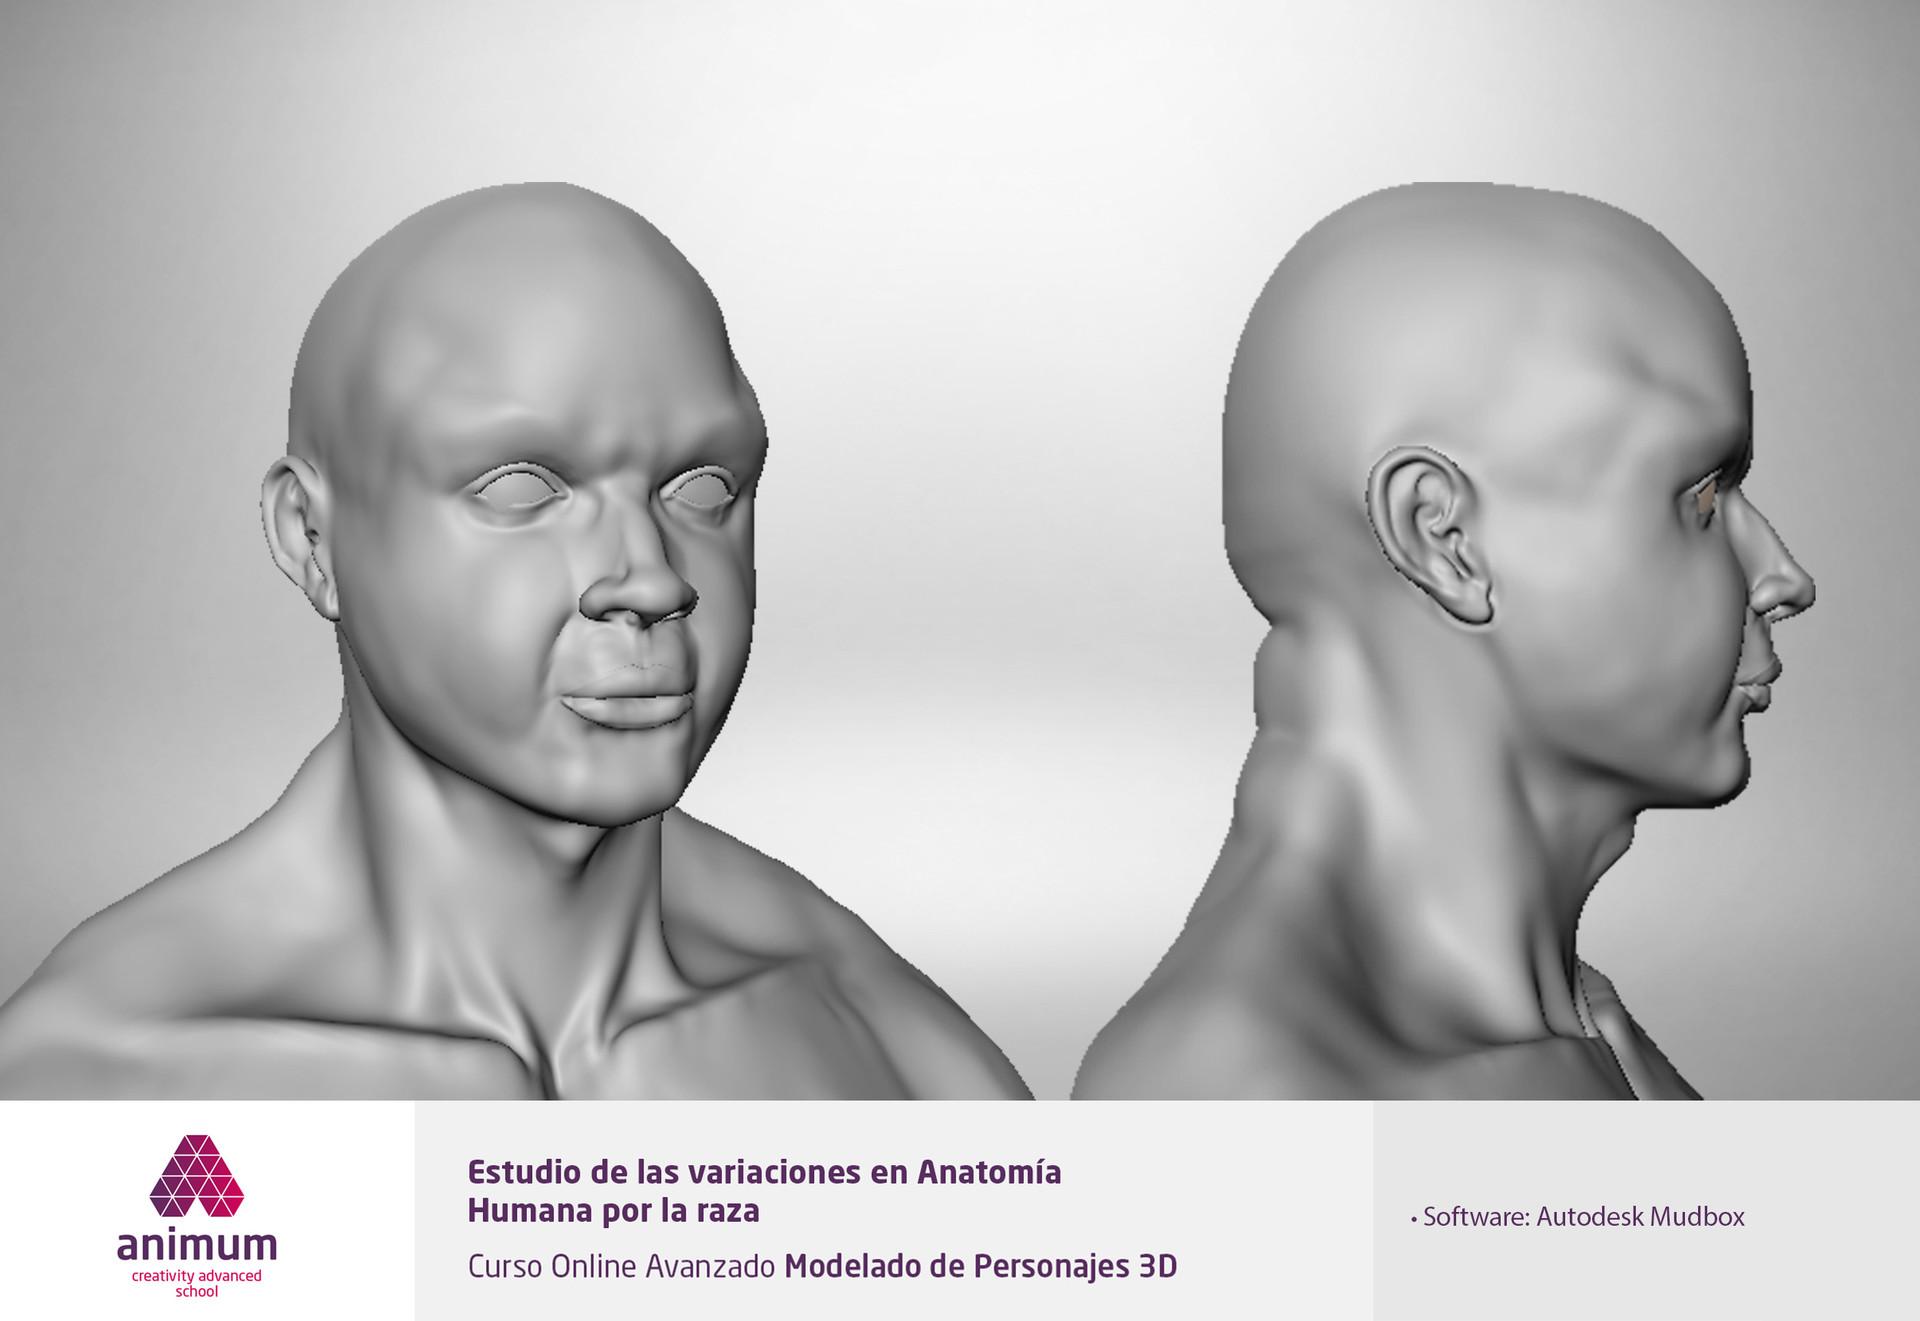 ArtStation - Estudio de las variaciones en la anatomía humana por ...